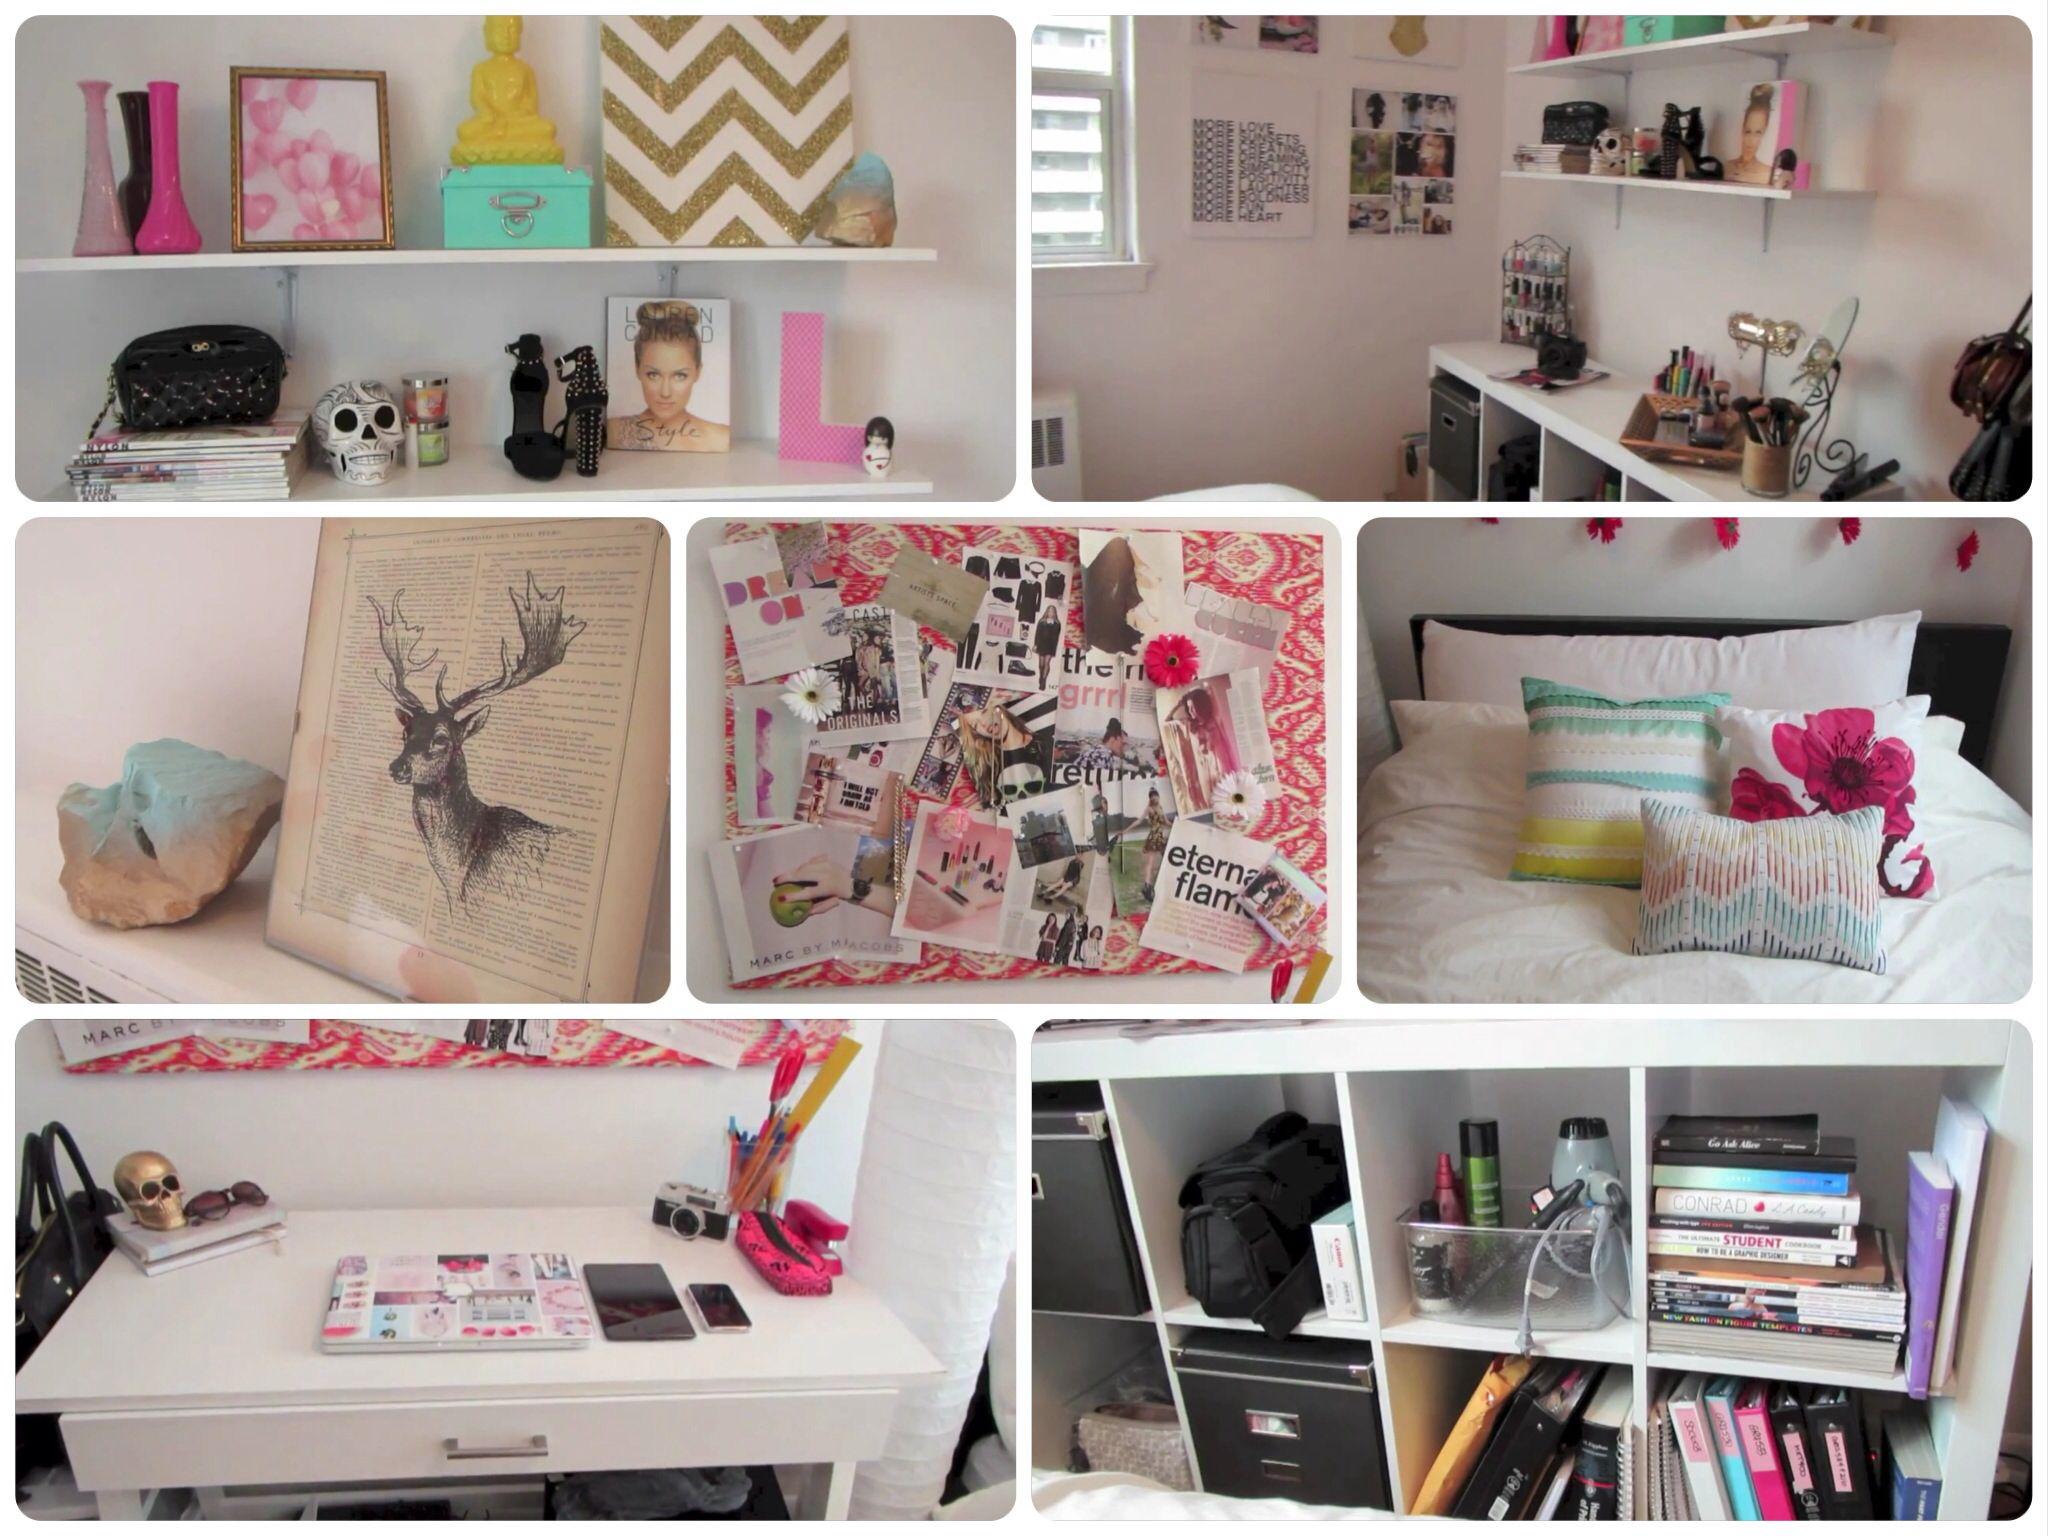 Laur diys bedroom i loooove it - Stuff to decorate your room ...